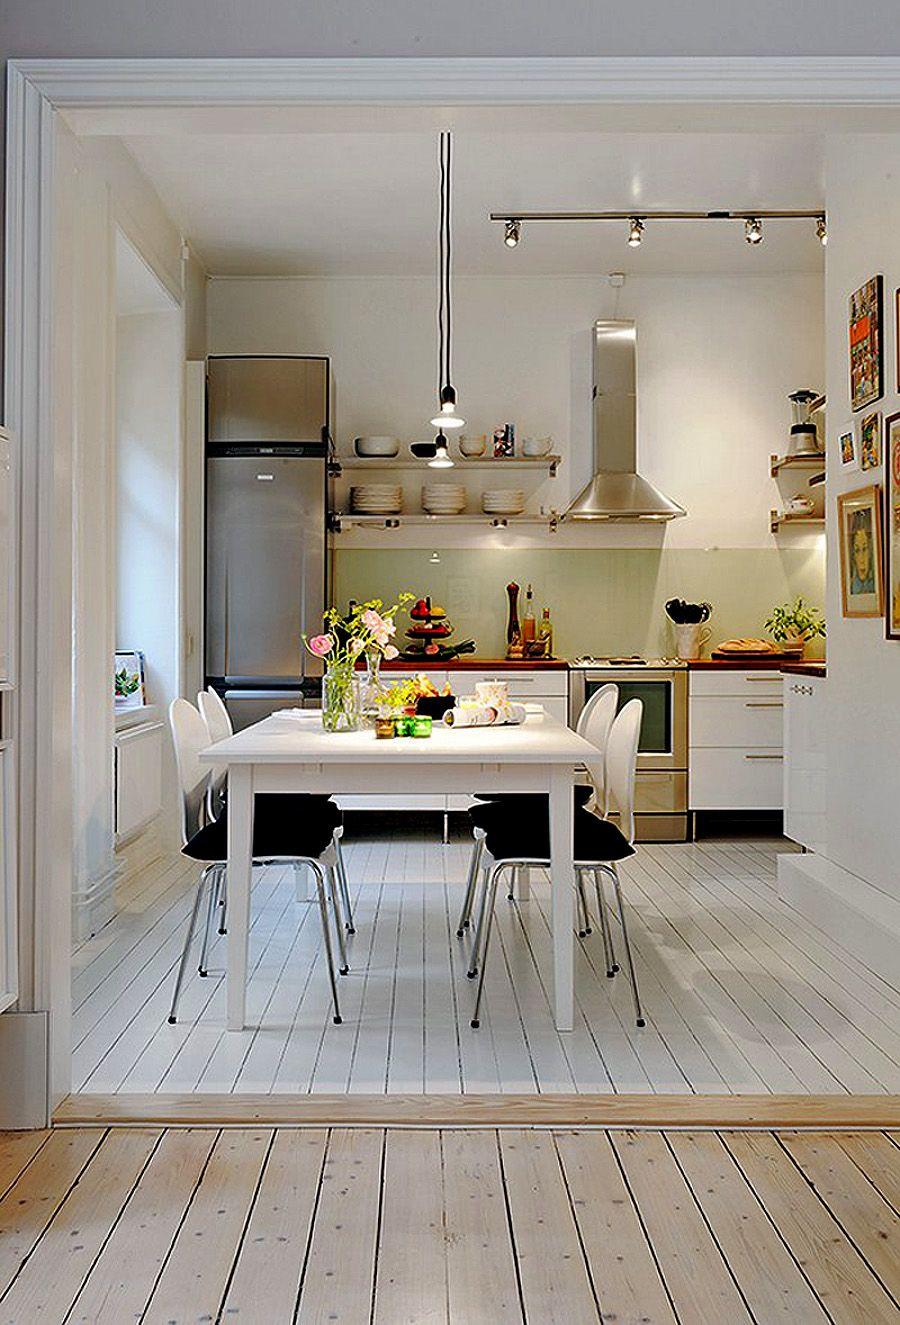 35 Best Kitchen Design Ideas To Remodel